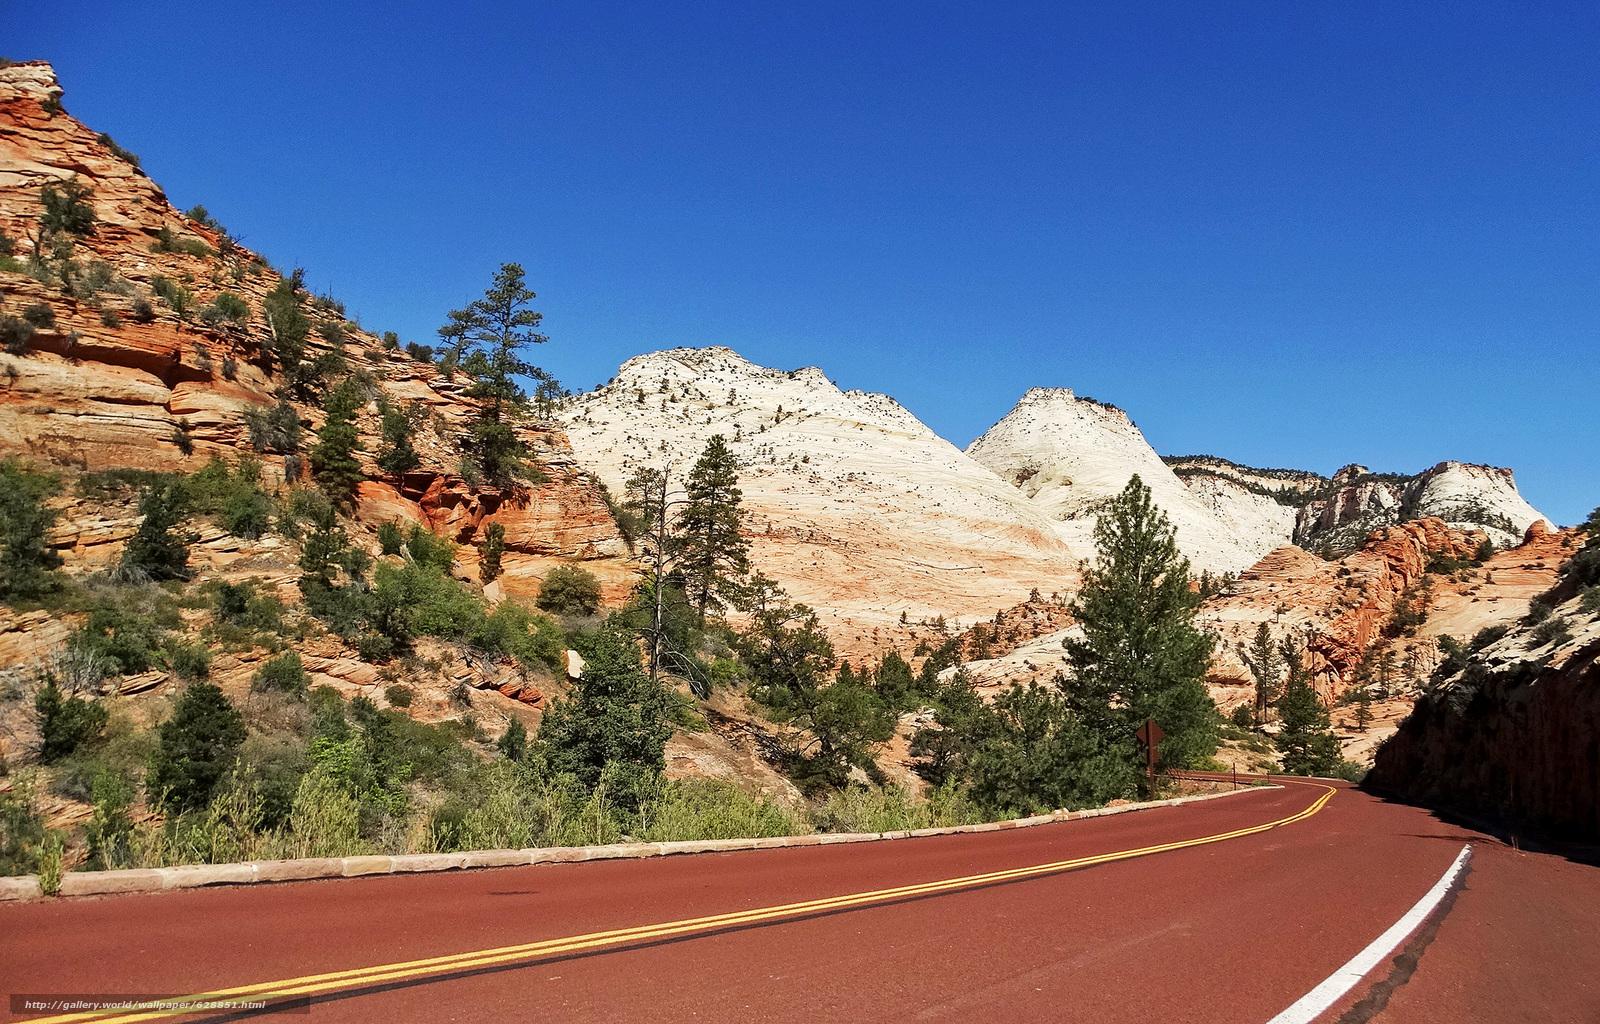 Mountains, landscape, road, Zion National Park